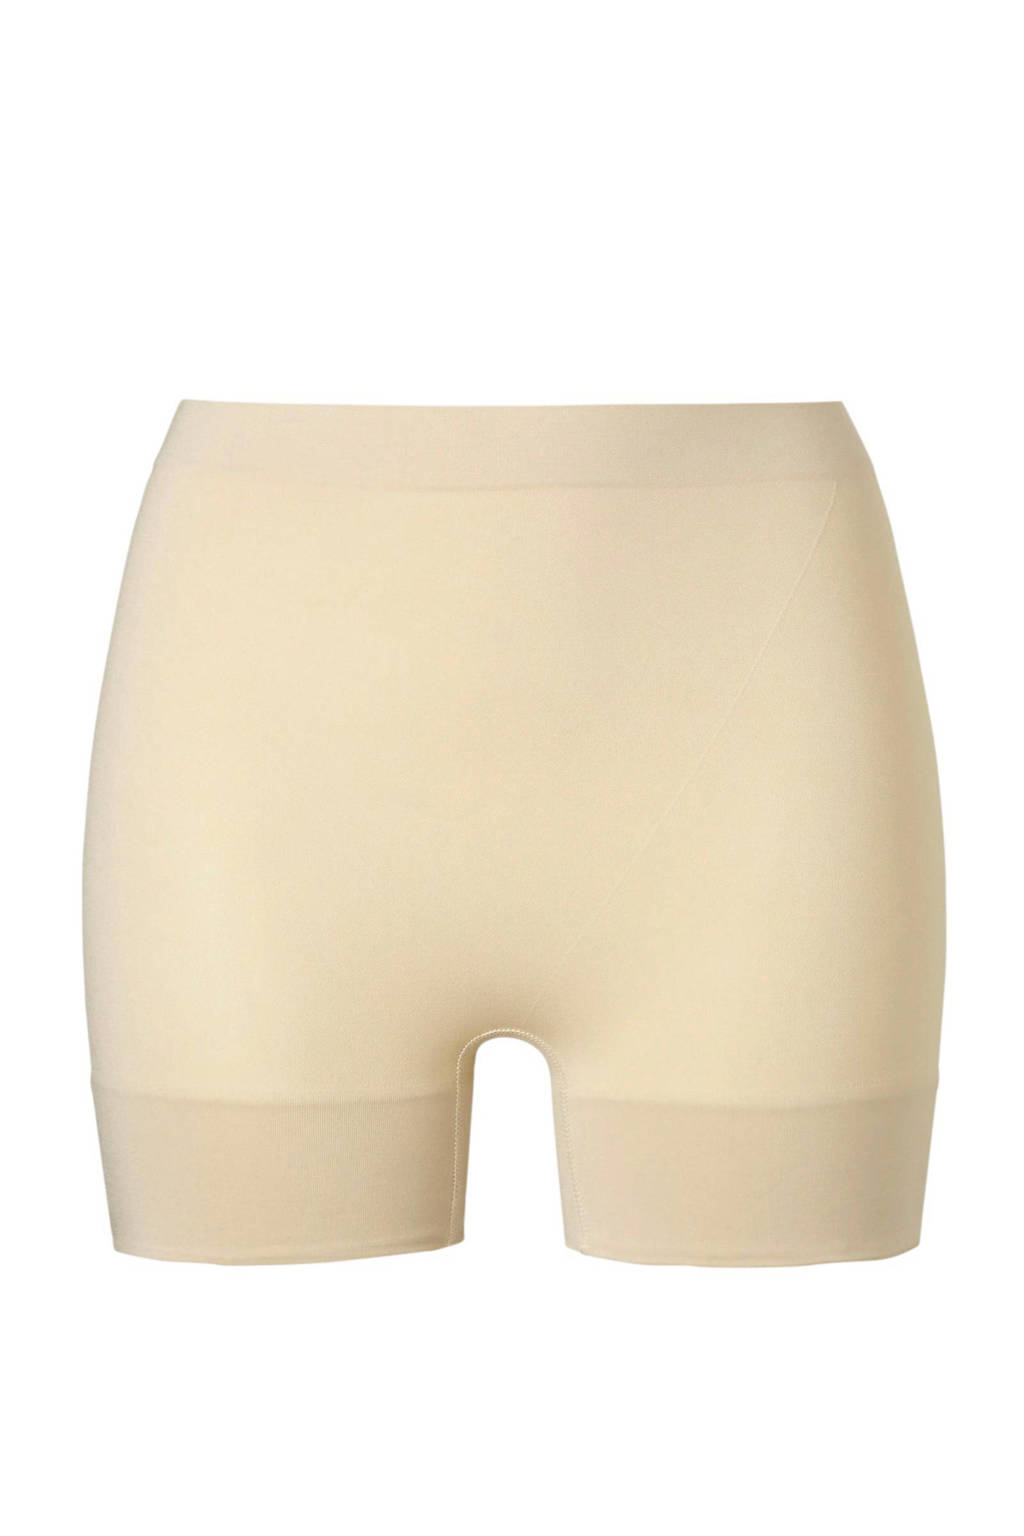 MAGIC Bodyfashion corrigerende short beige, Beige